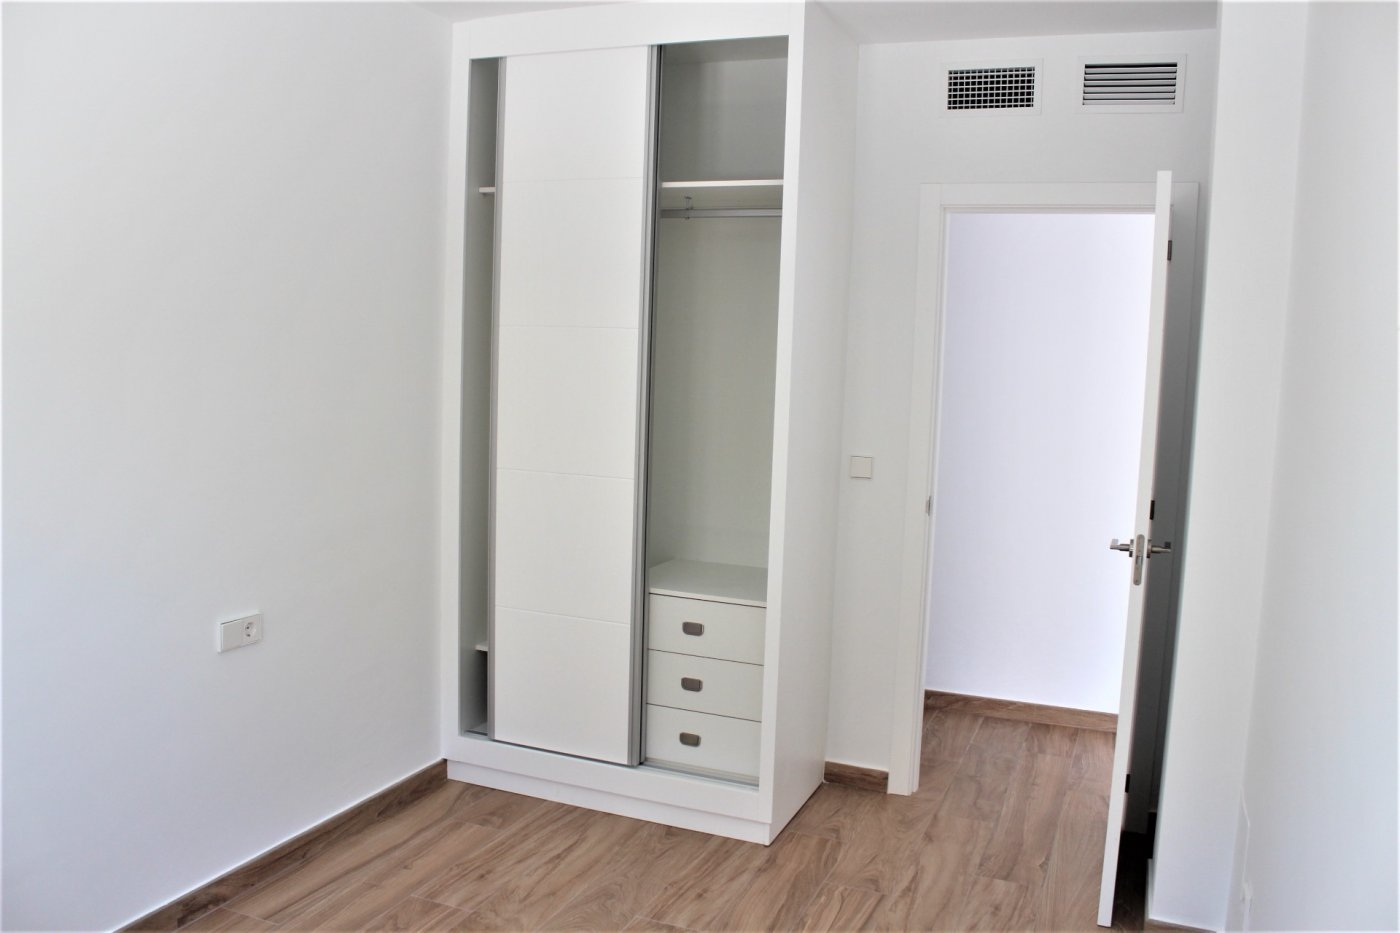 Moderno apartamento planta baja en el mojón - imagenInmueble7